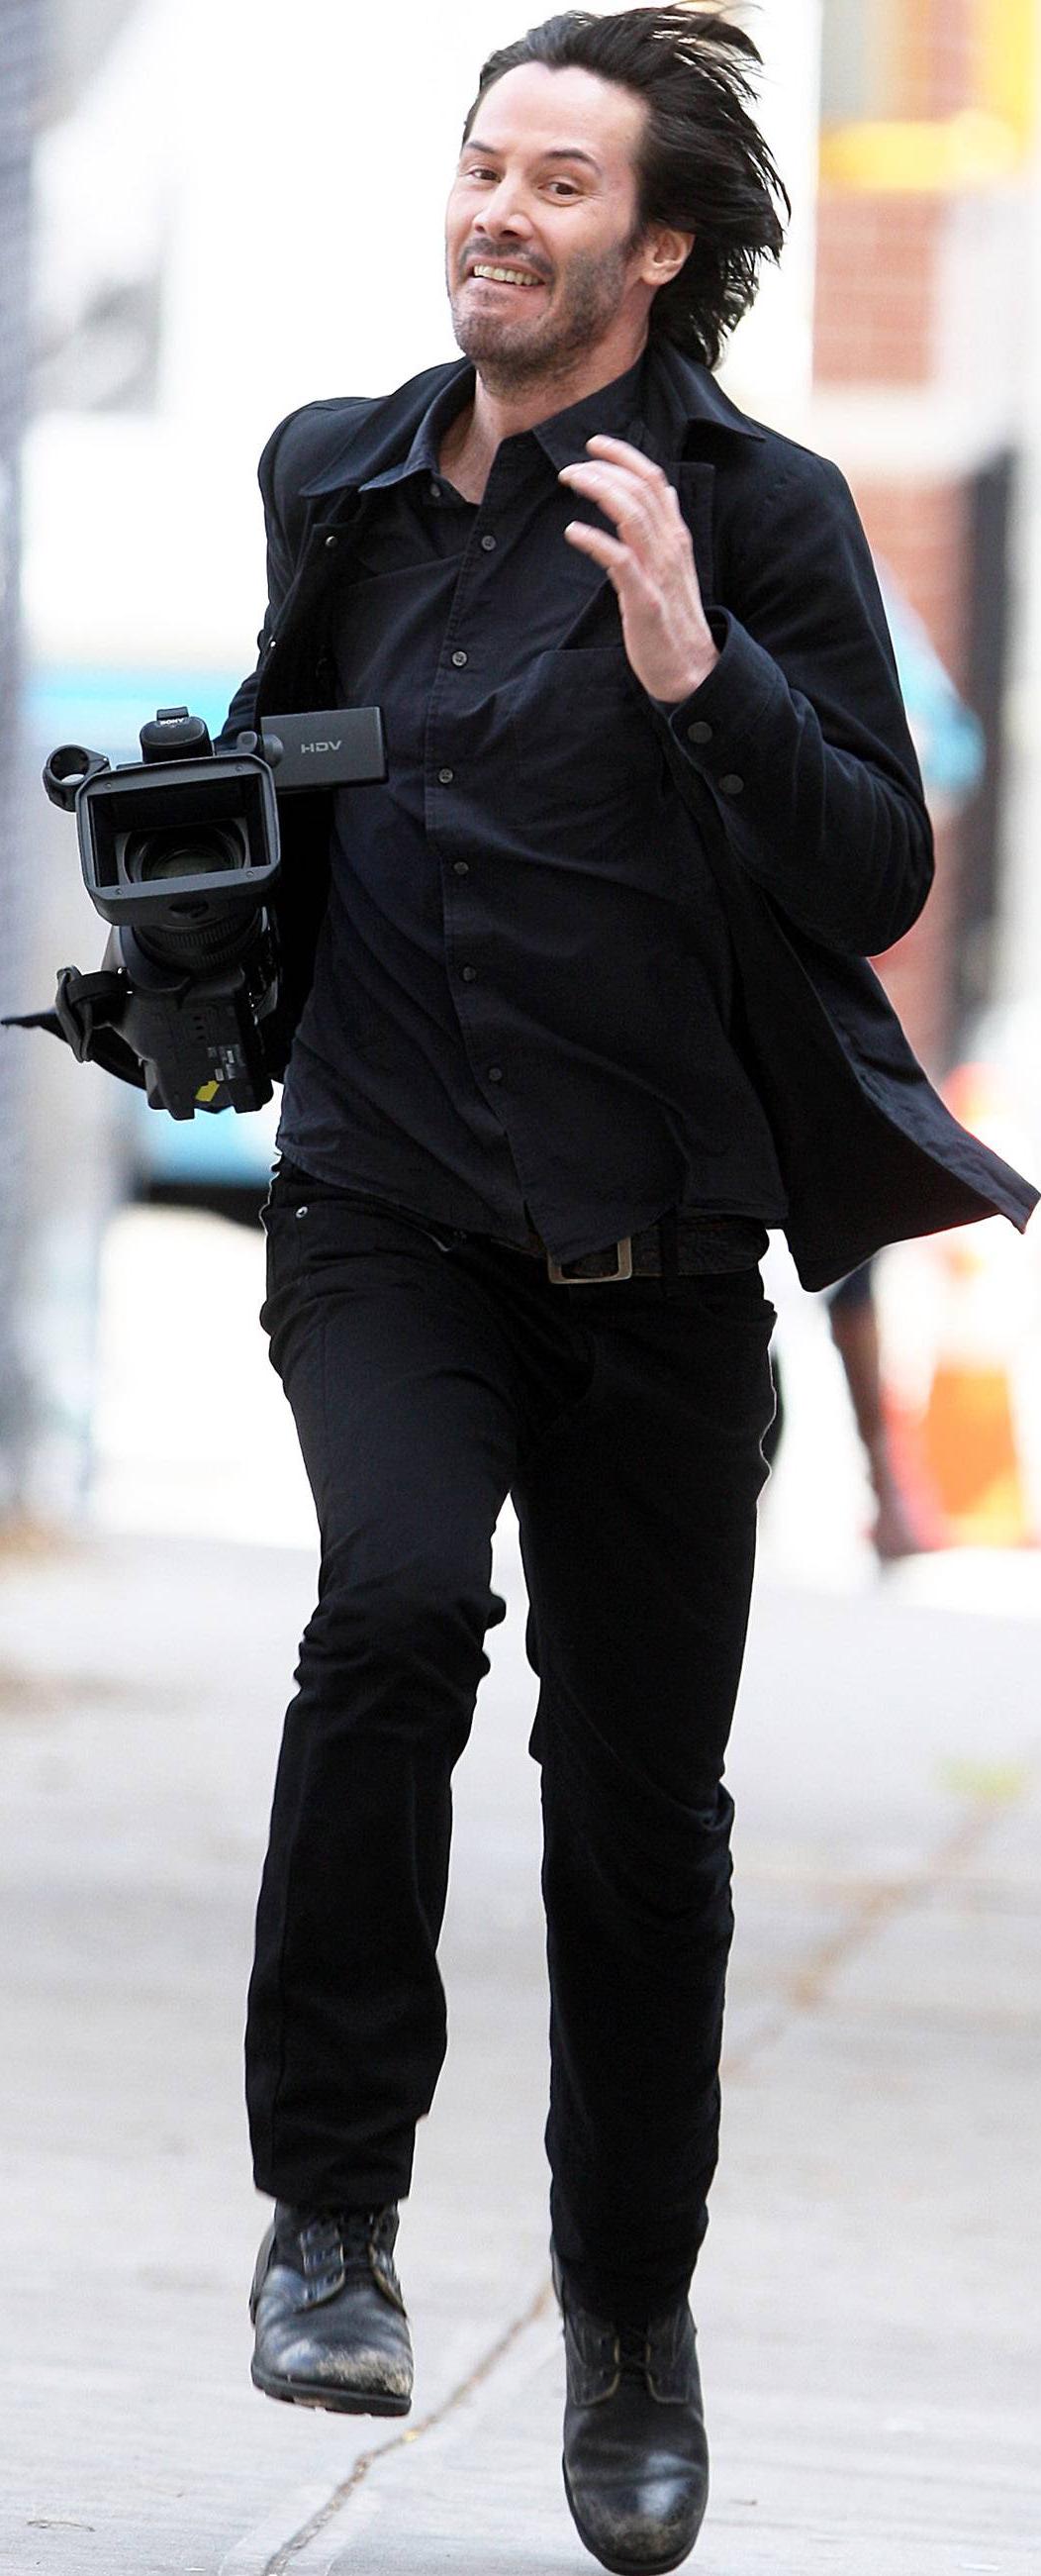 Keanu Reeves Running Keanu Reeves Style Cutout